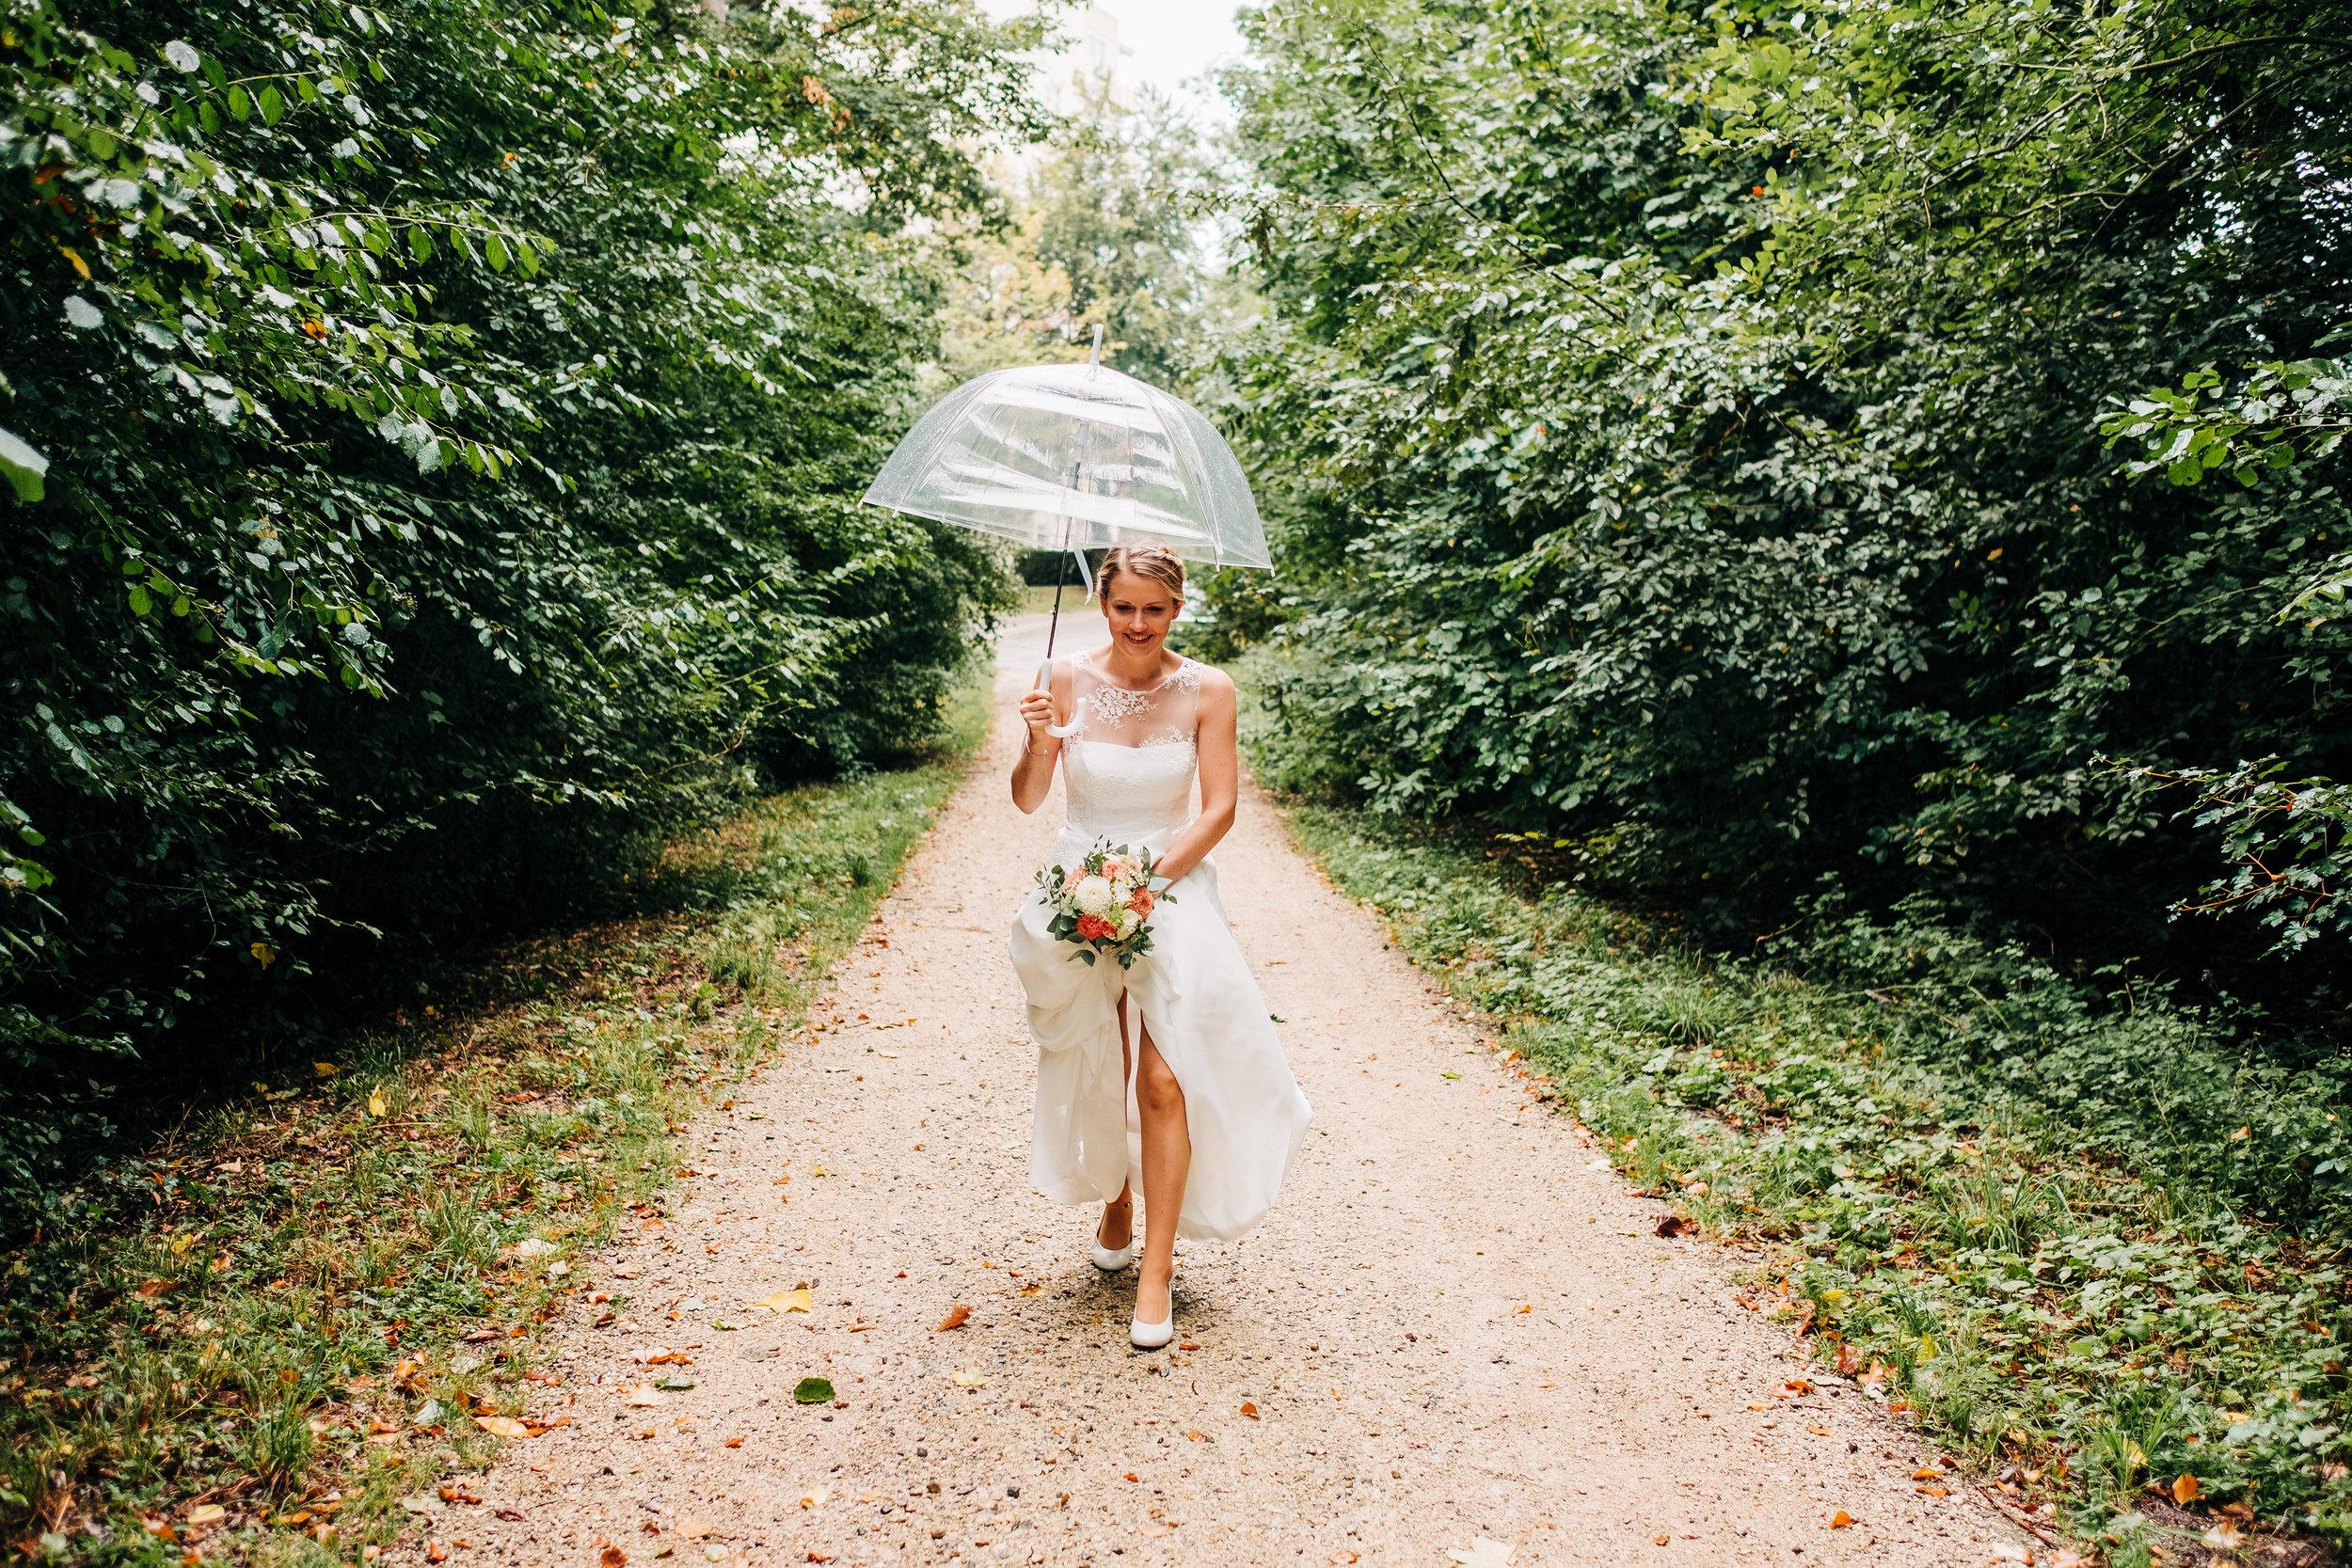 Anna-Hari-Photography-Hochzeitsfotografie-U&H-178.jpg